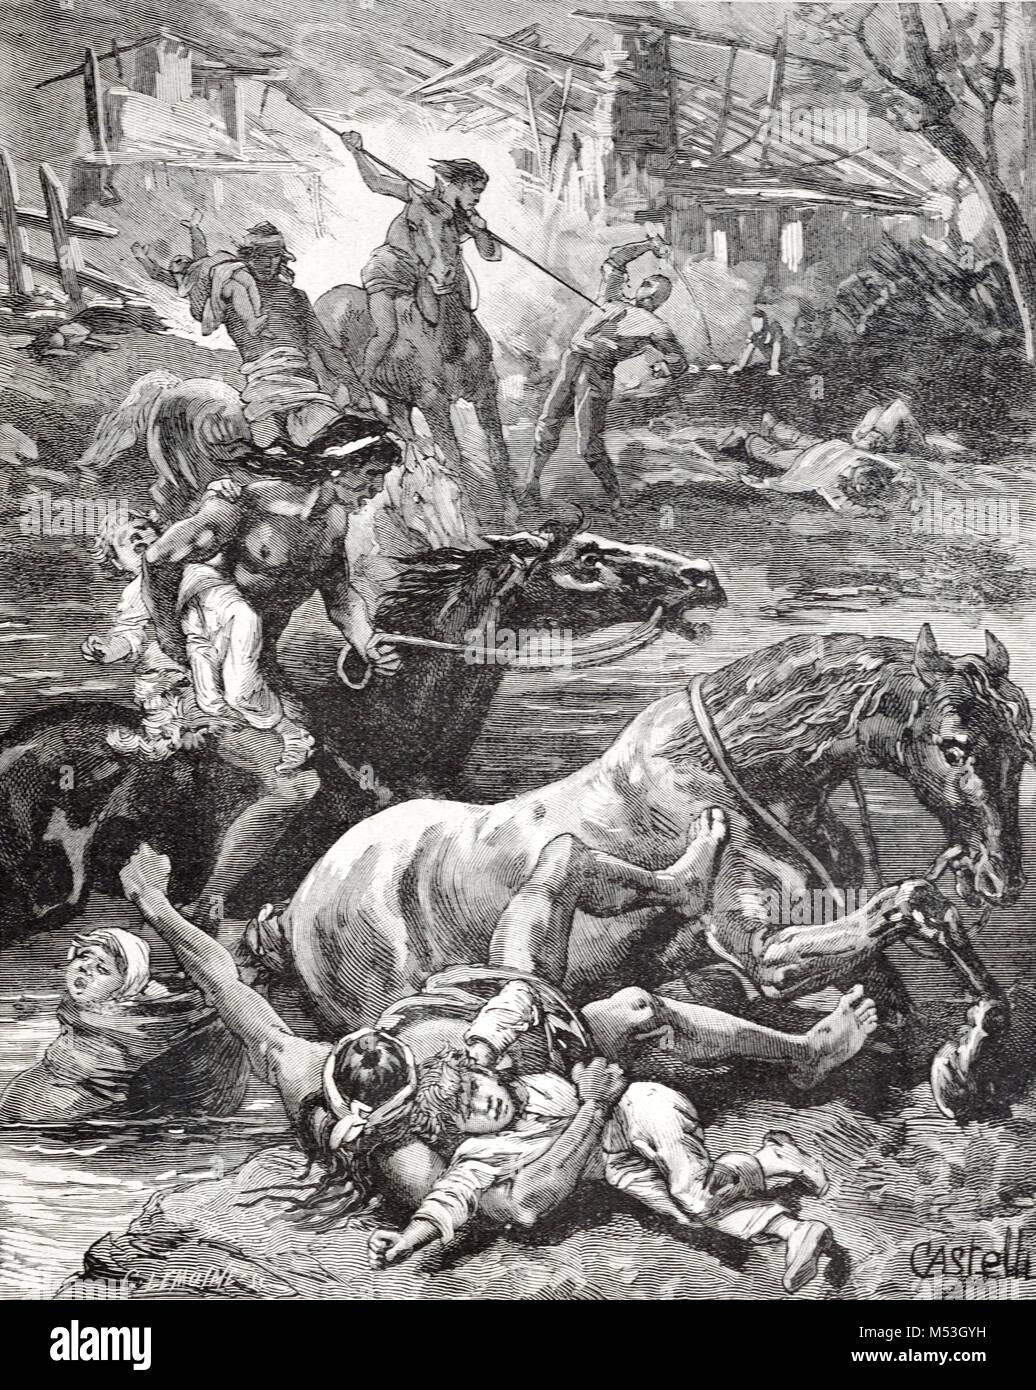 Konflikt zwischen europäischen Kolonialisten oder Siedler und Indianer in Brasilien. Indigene Brasilianer Angriff Stockbild